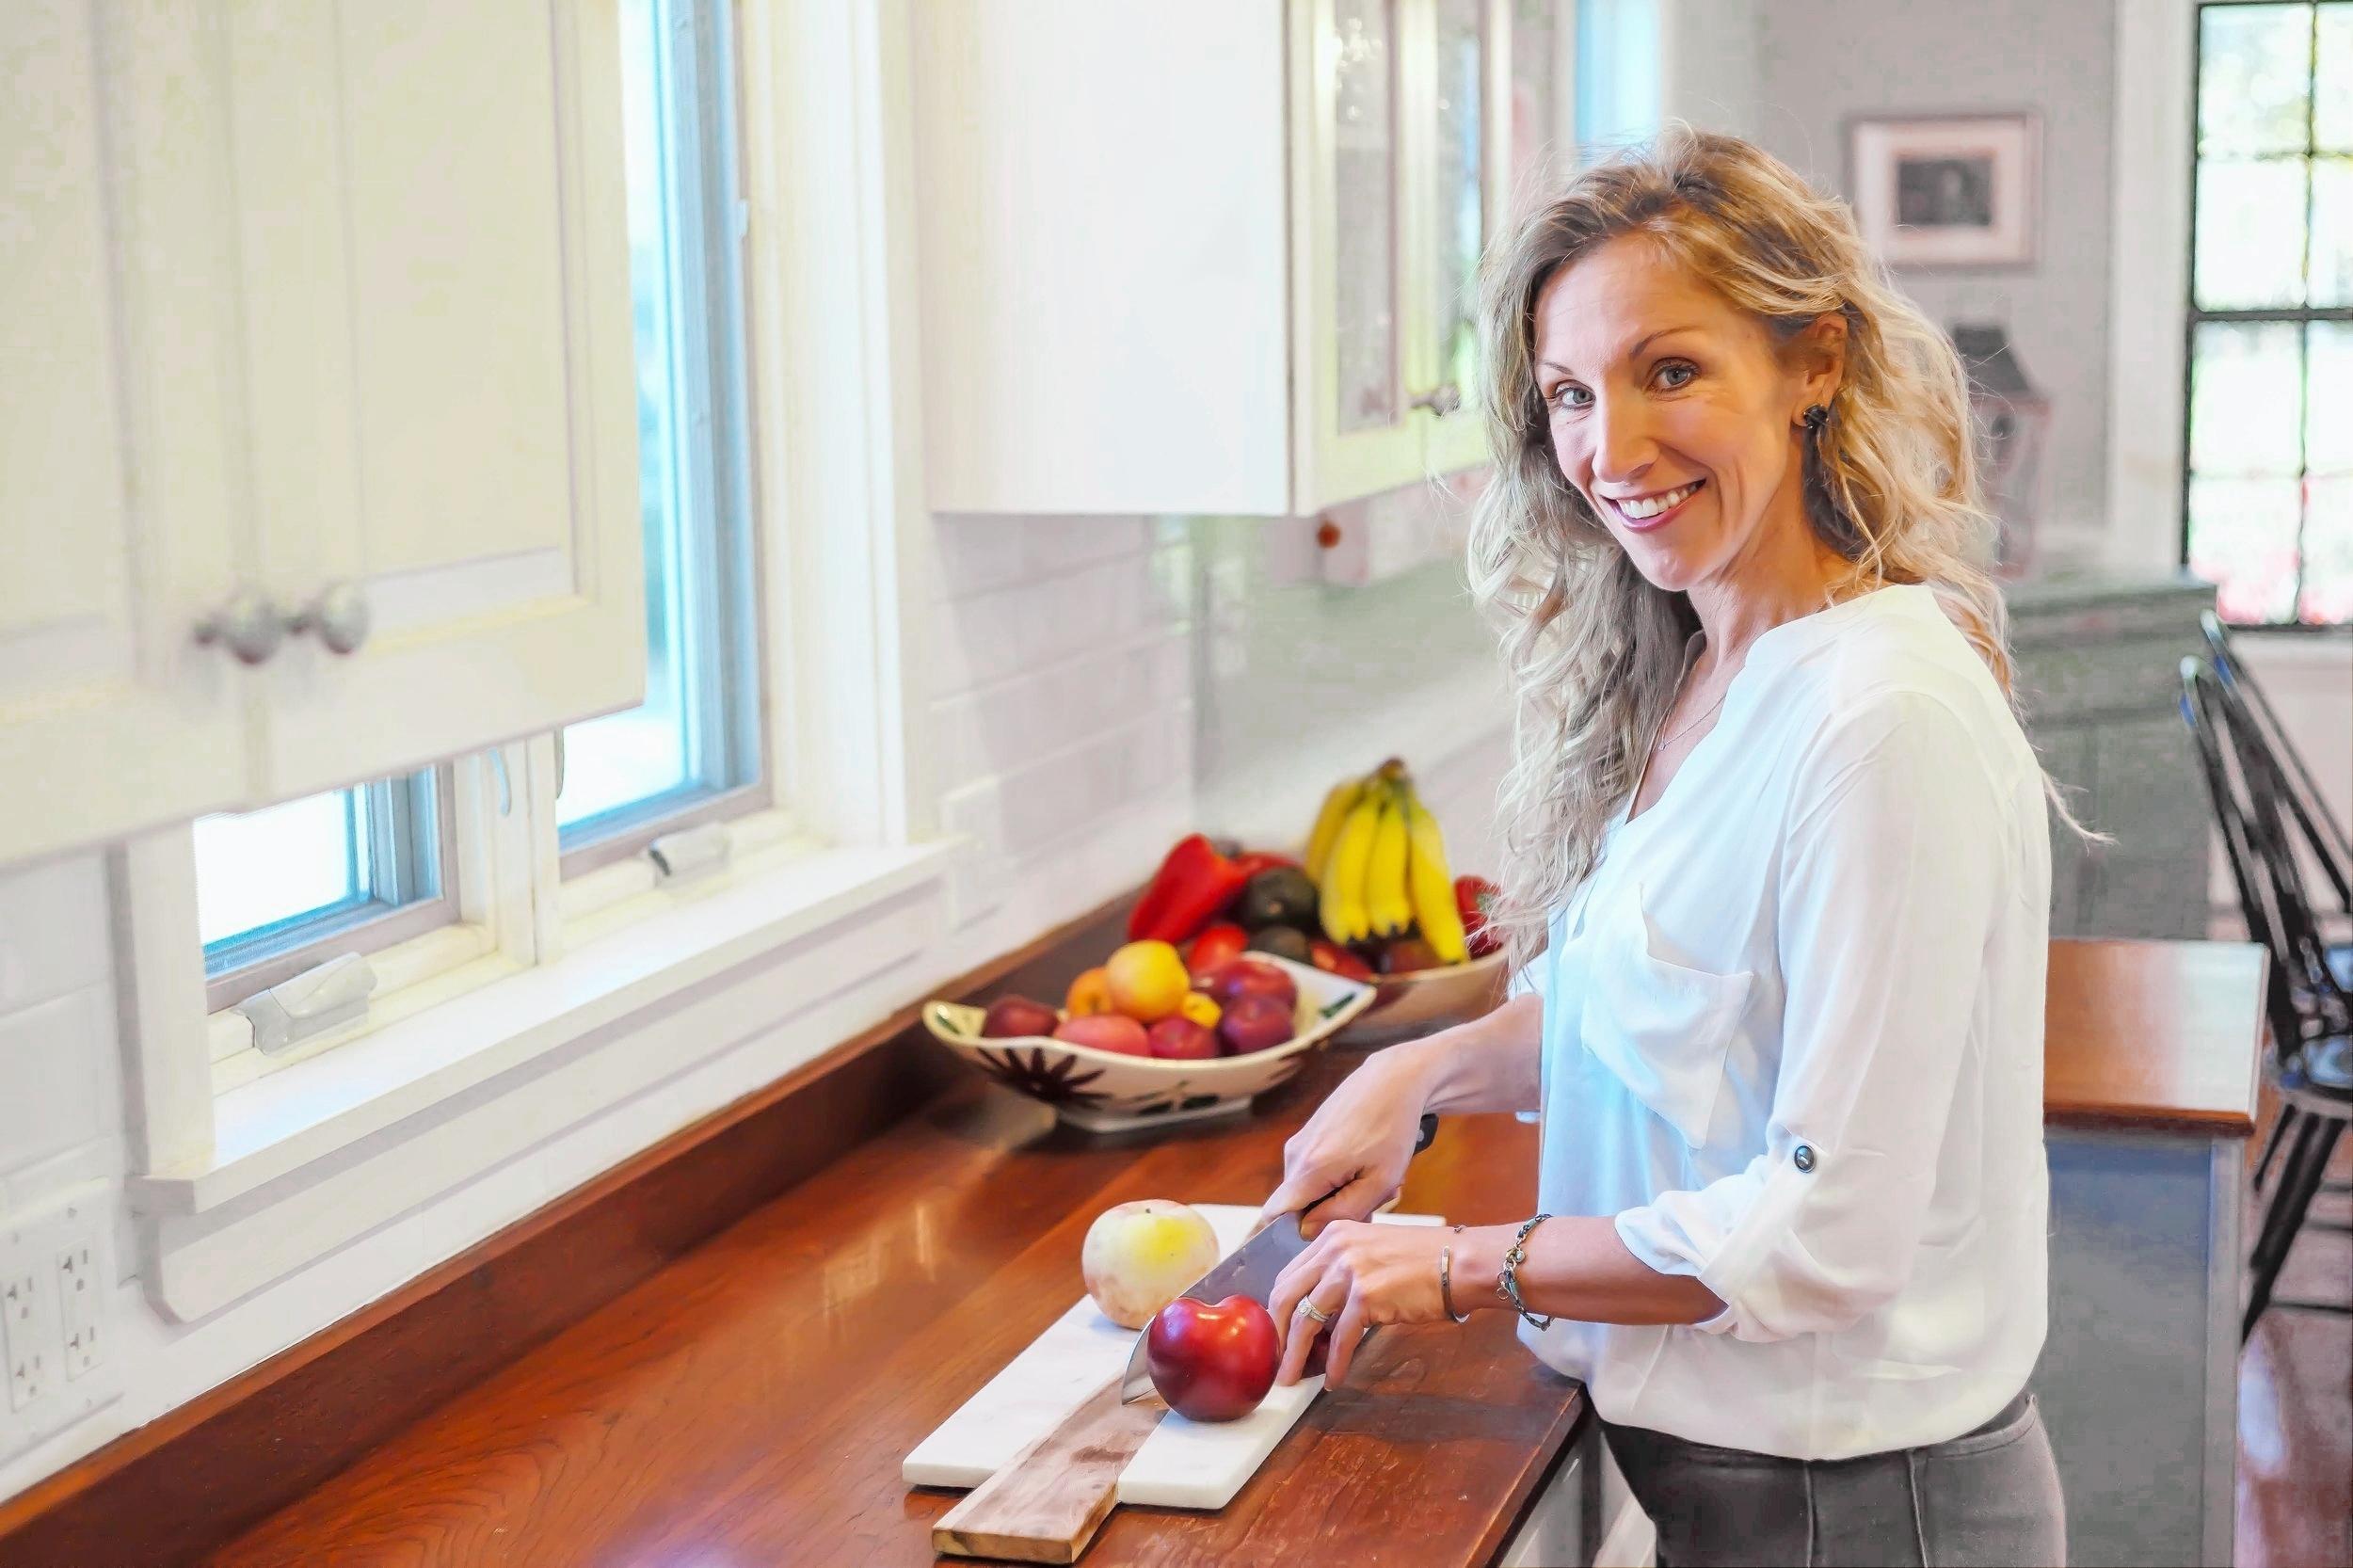 NourishRX Founder Ryann, Registered Health Dietitian and Nutrition Counselor in Beverly, Massachusetts